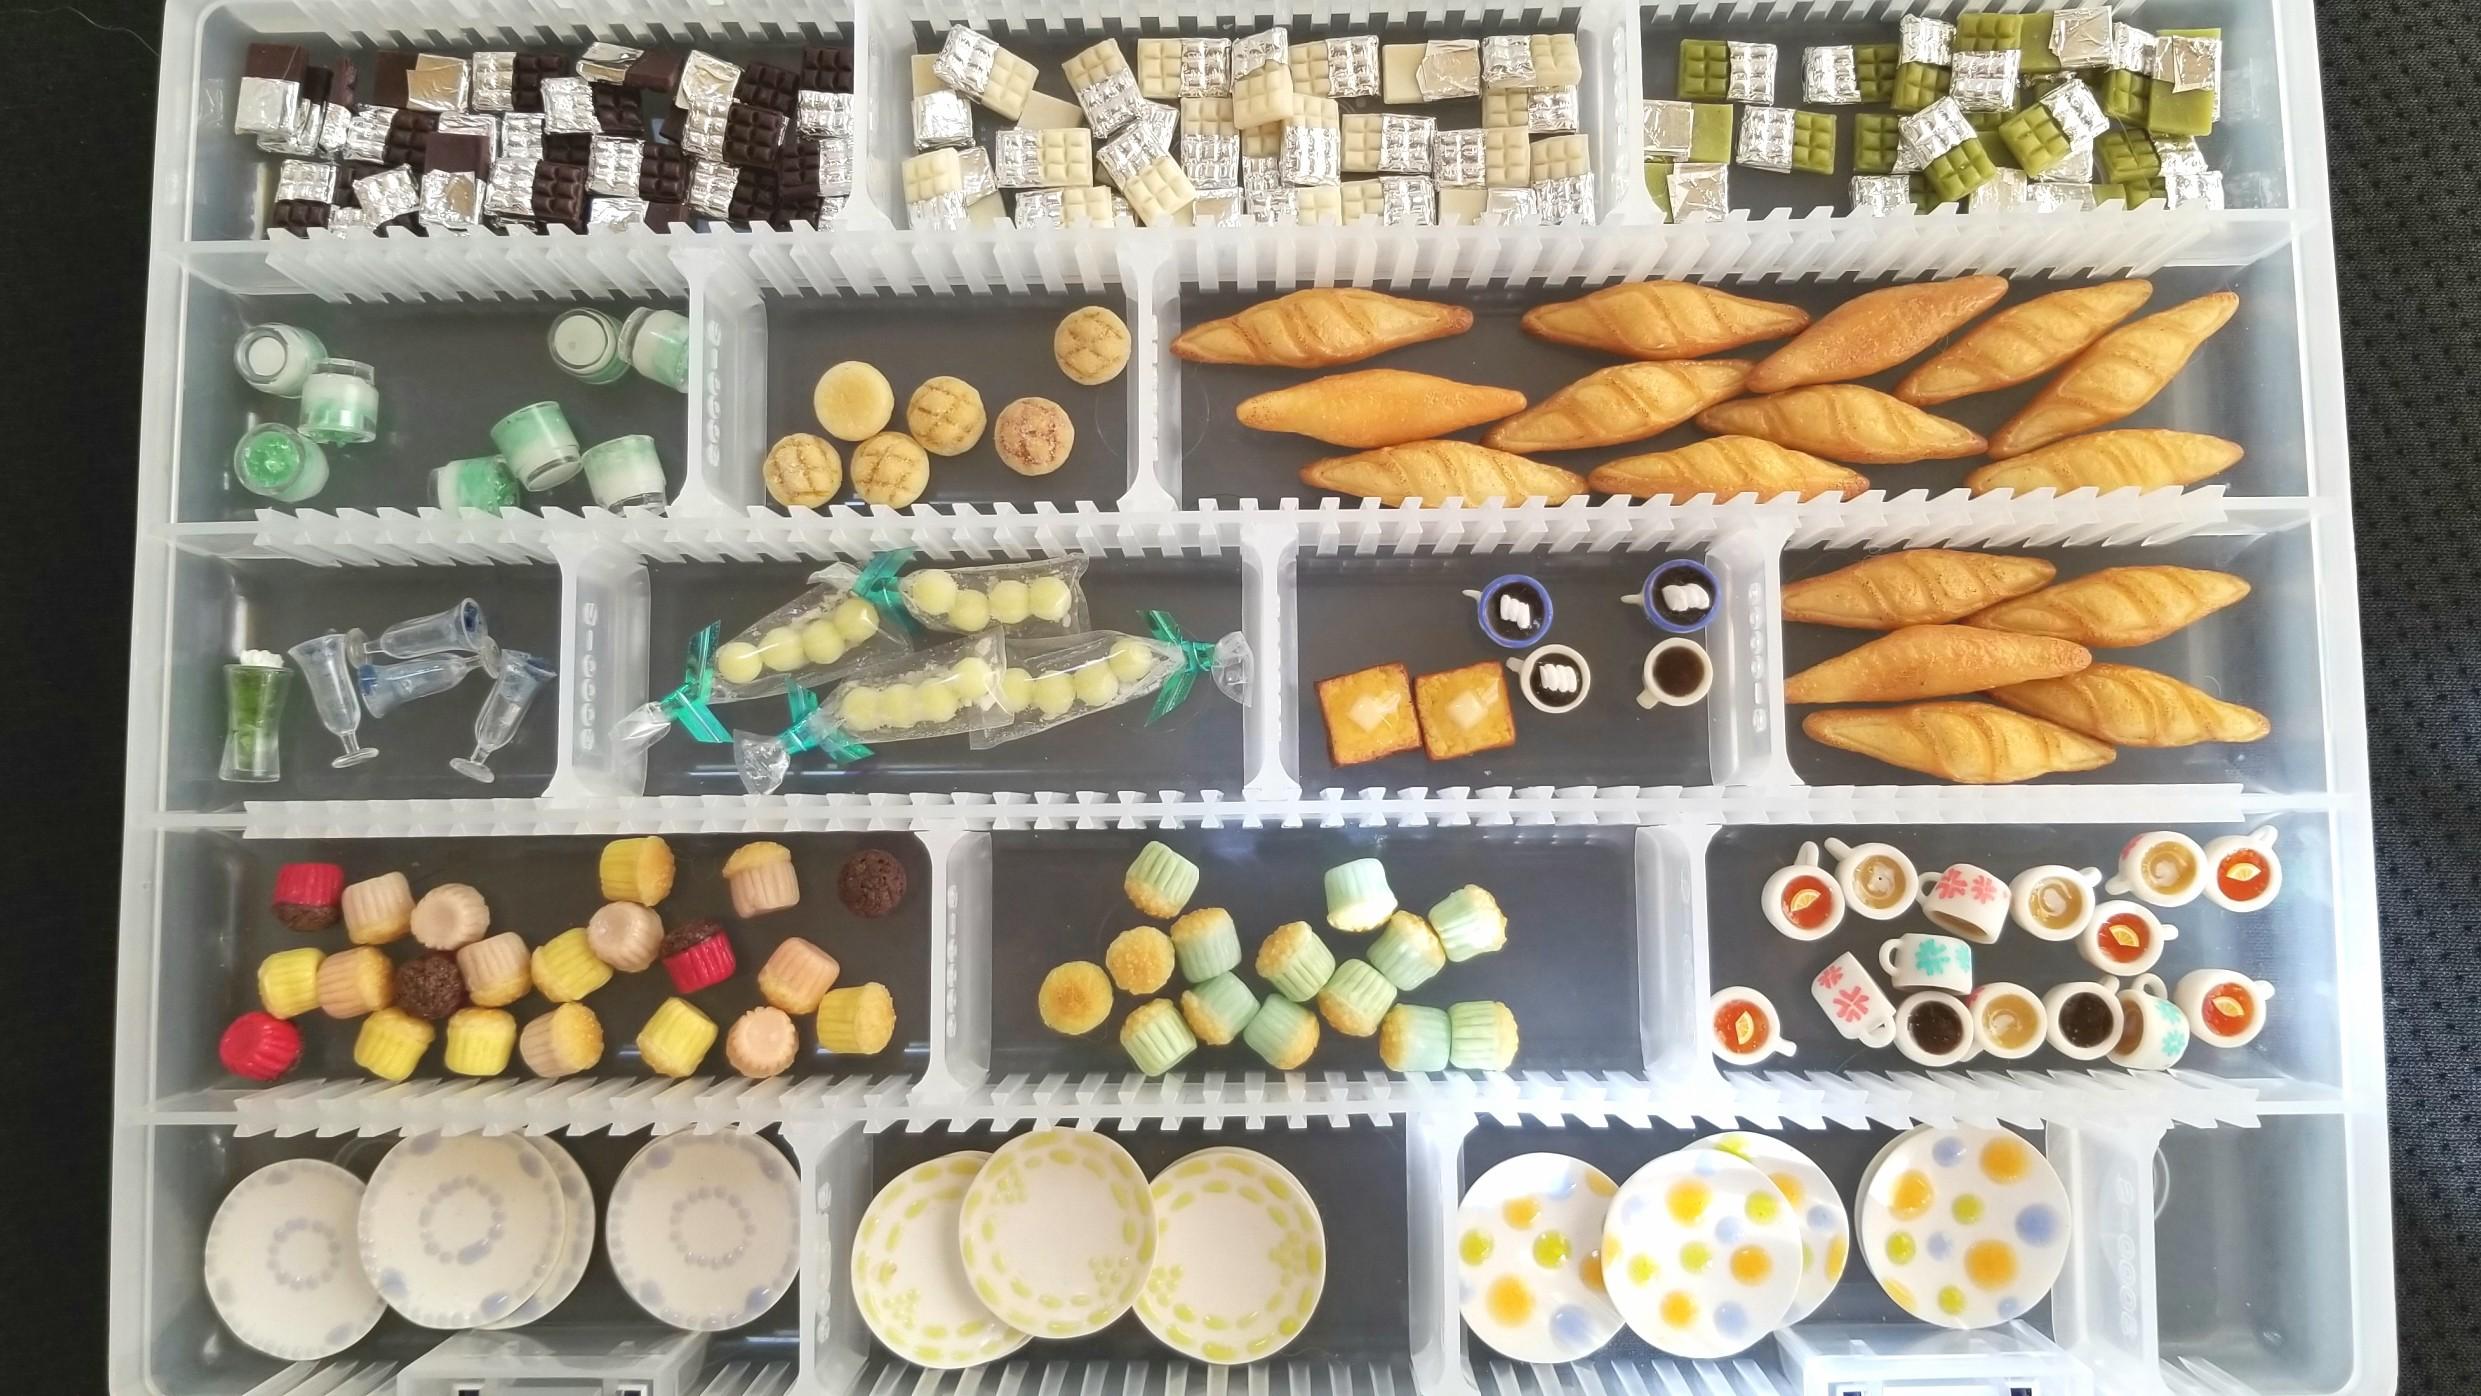 作品,量産,大量,ミニチュアフード,樹脂,カップケーキ,お皿,食器,パン